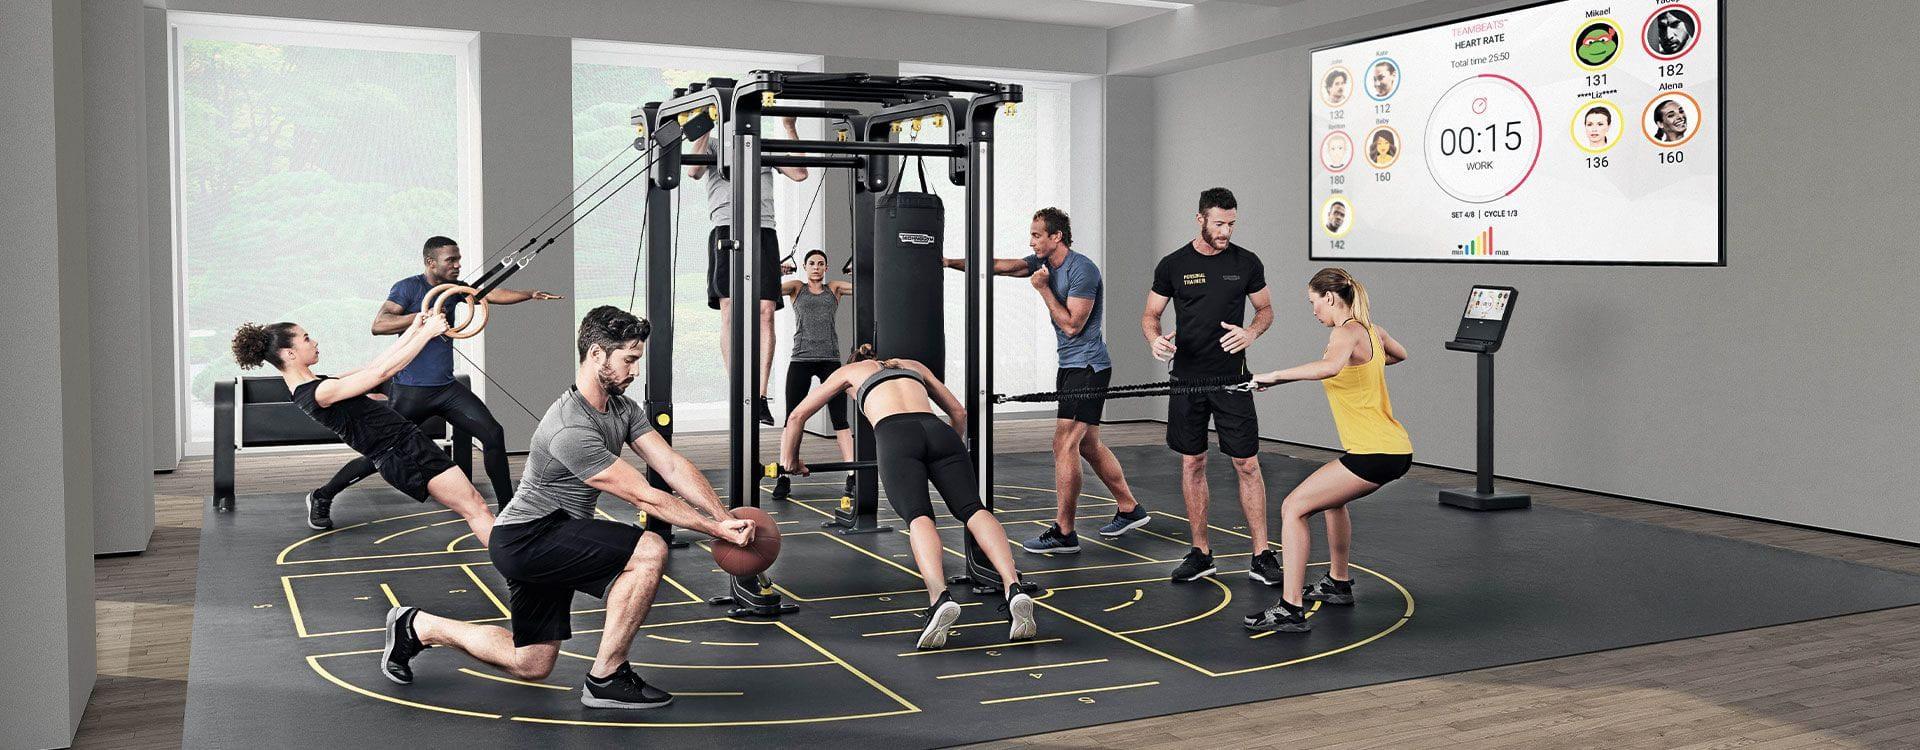 Tar funktionell träning till en ny nivå